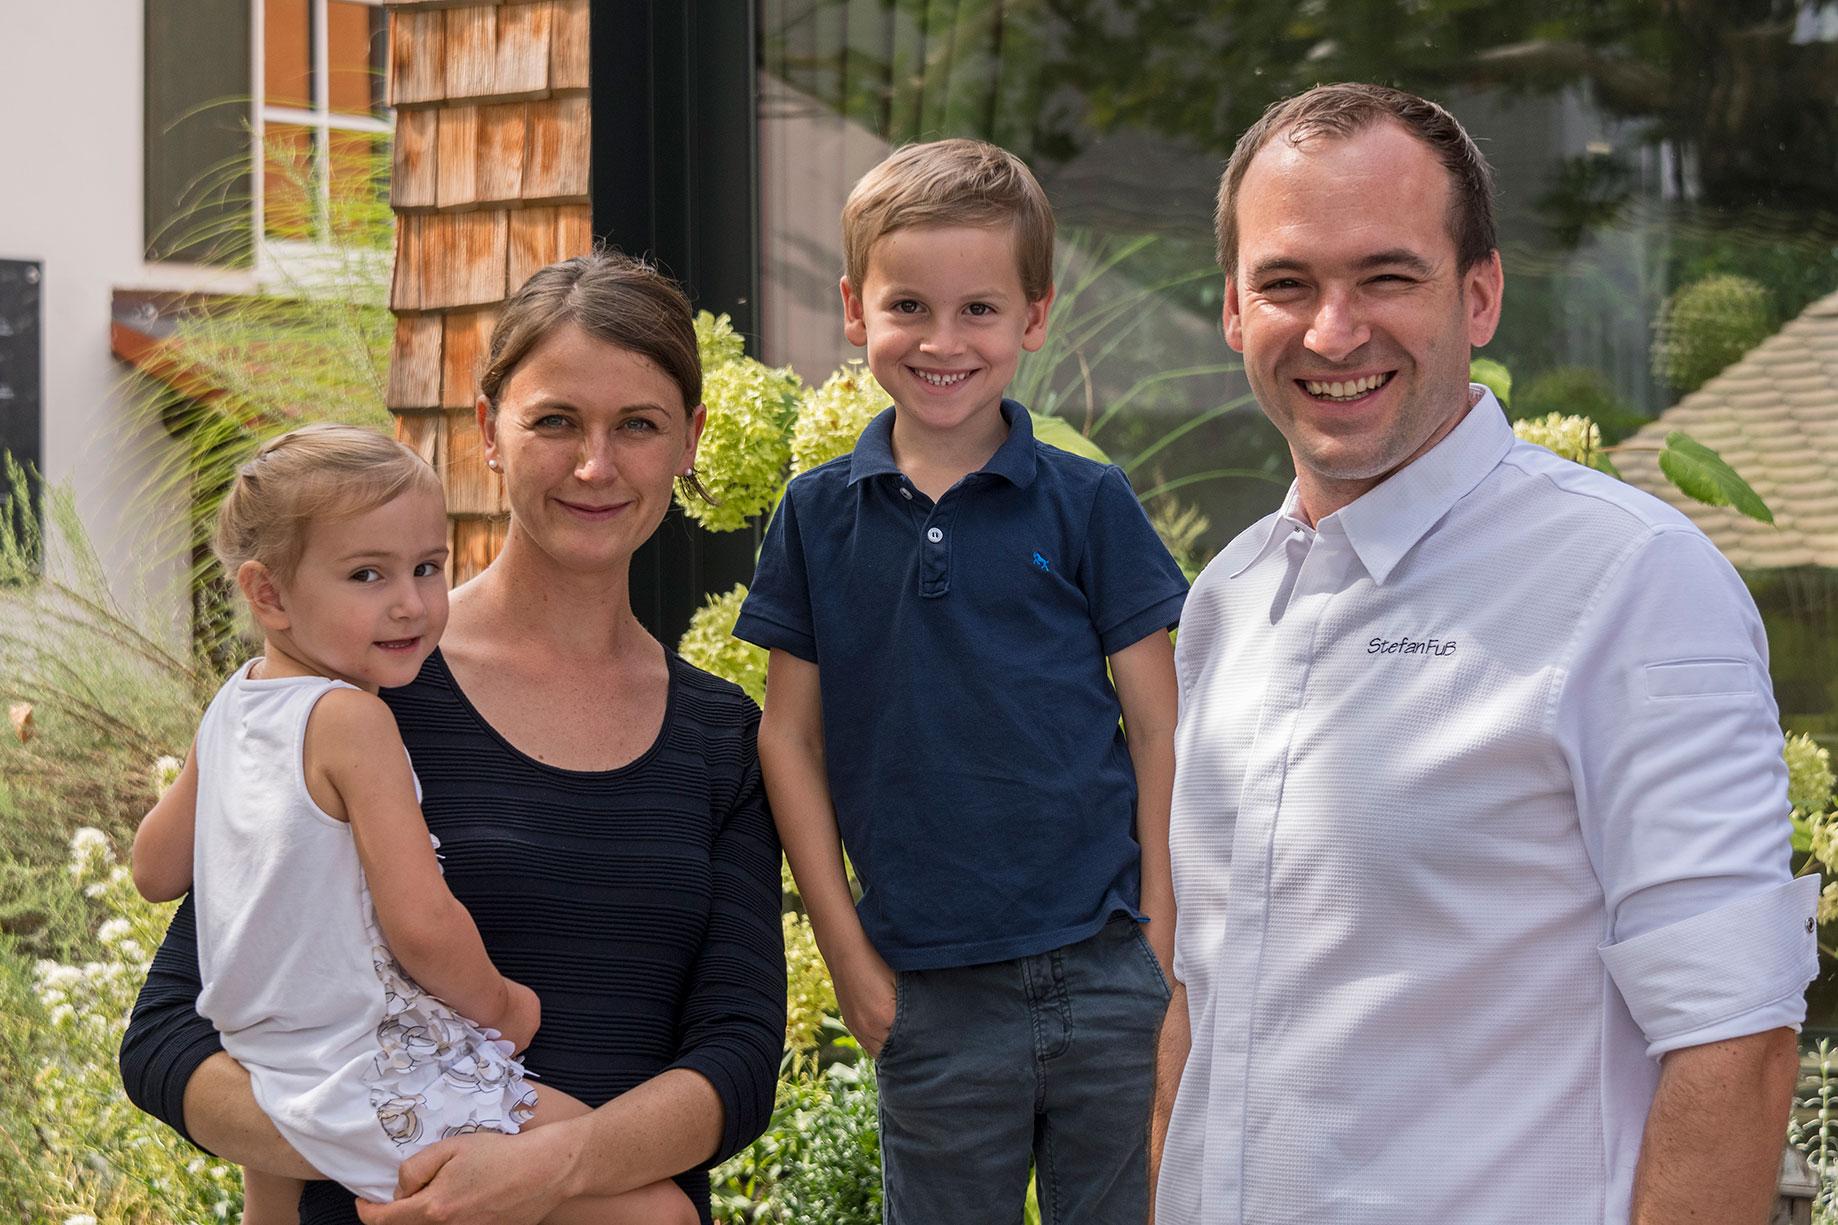 Stefan Fuss und Familie vor dem gasthaus Goldener Stern